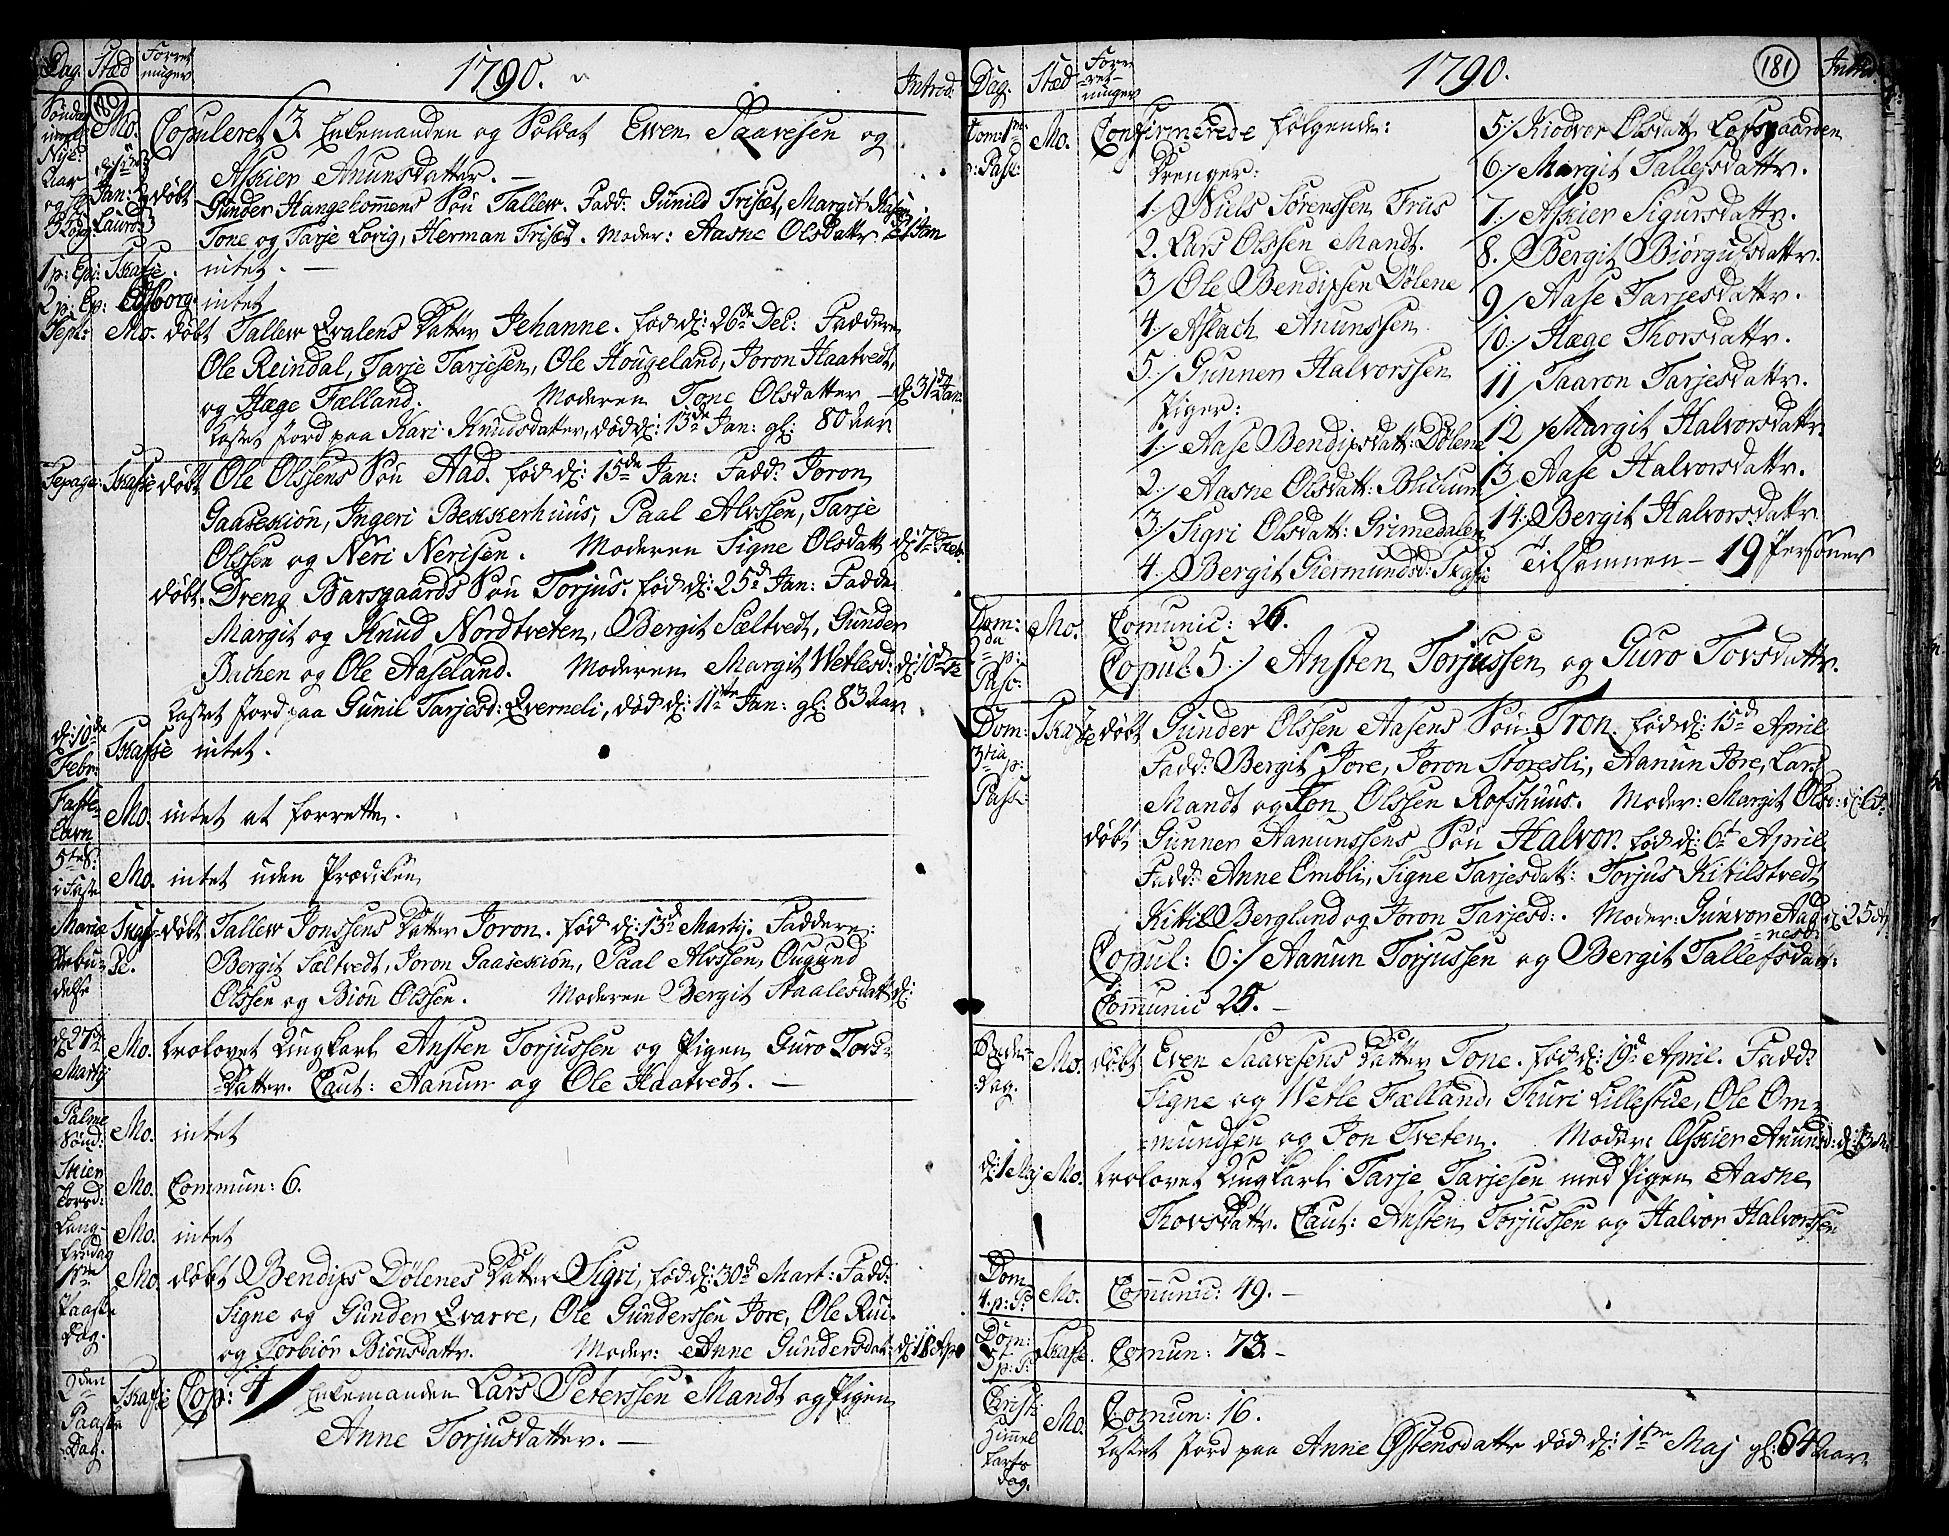 SAKO, Mo kirkebøker, F/Fa/L0002: Ministerialbok nr. I 2, 1766-1799, s. 180-181